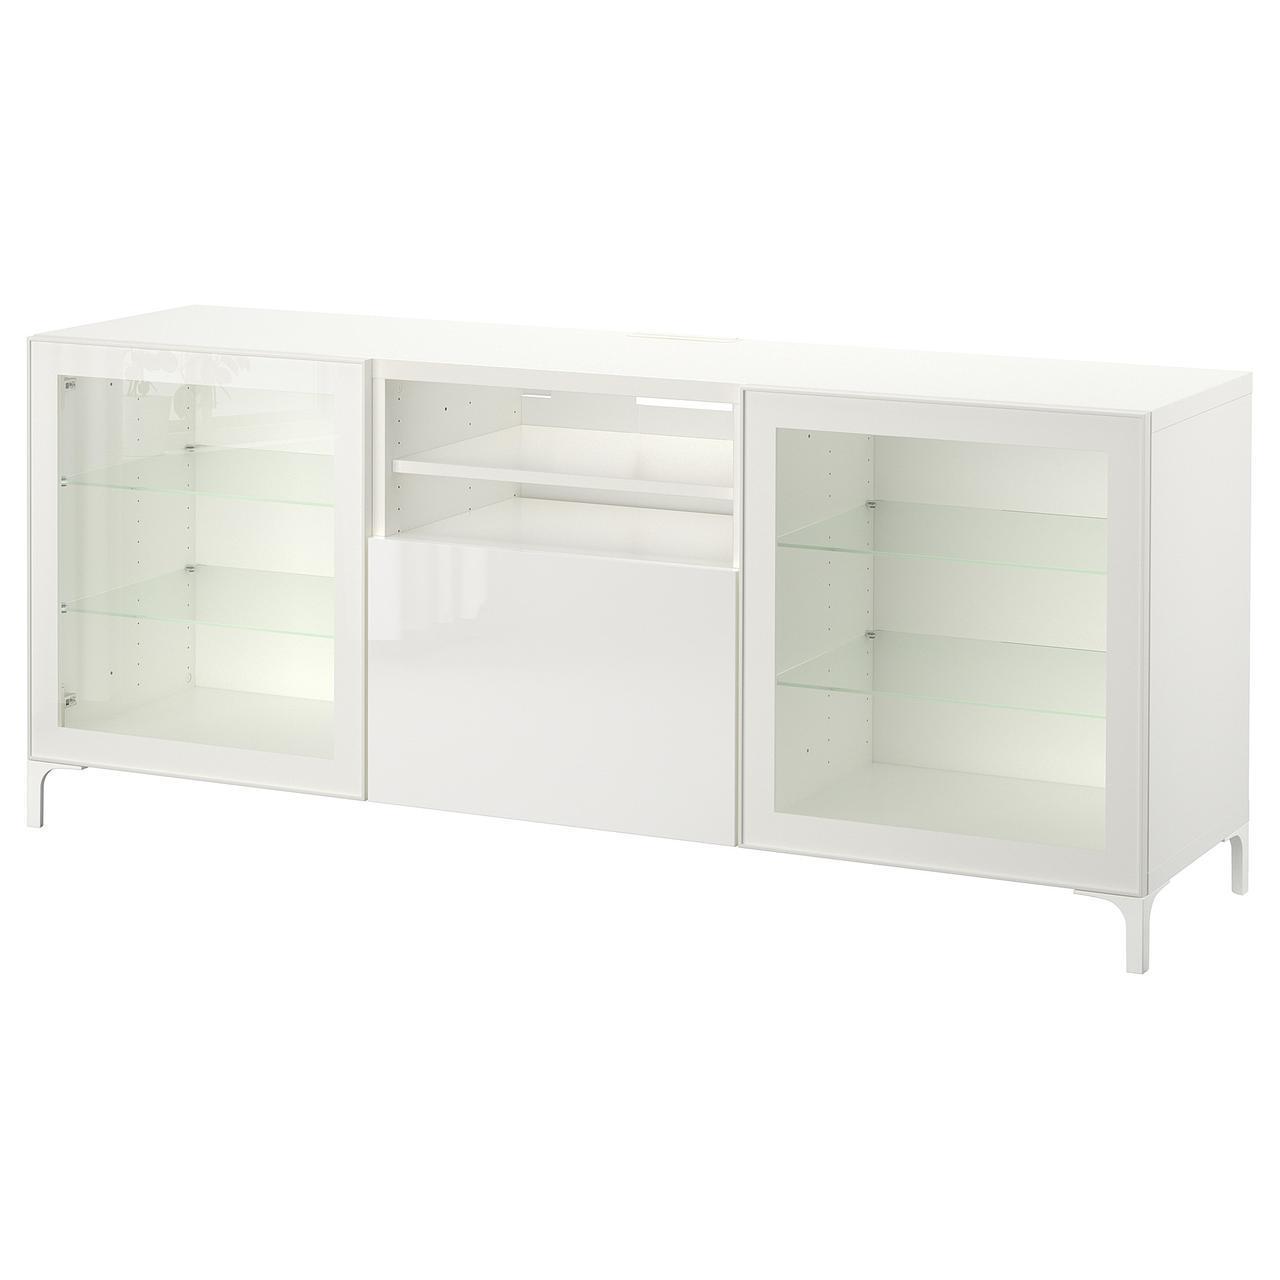 IKEA BESTA Тумба под телевизор с ящиками, белый, Сельсвикен глянцевый/белый (291.940.31)